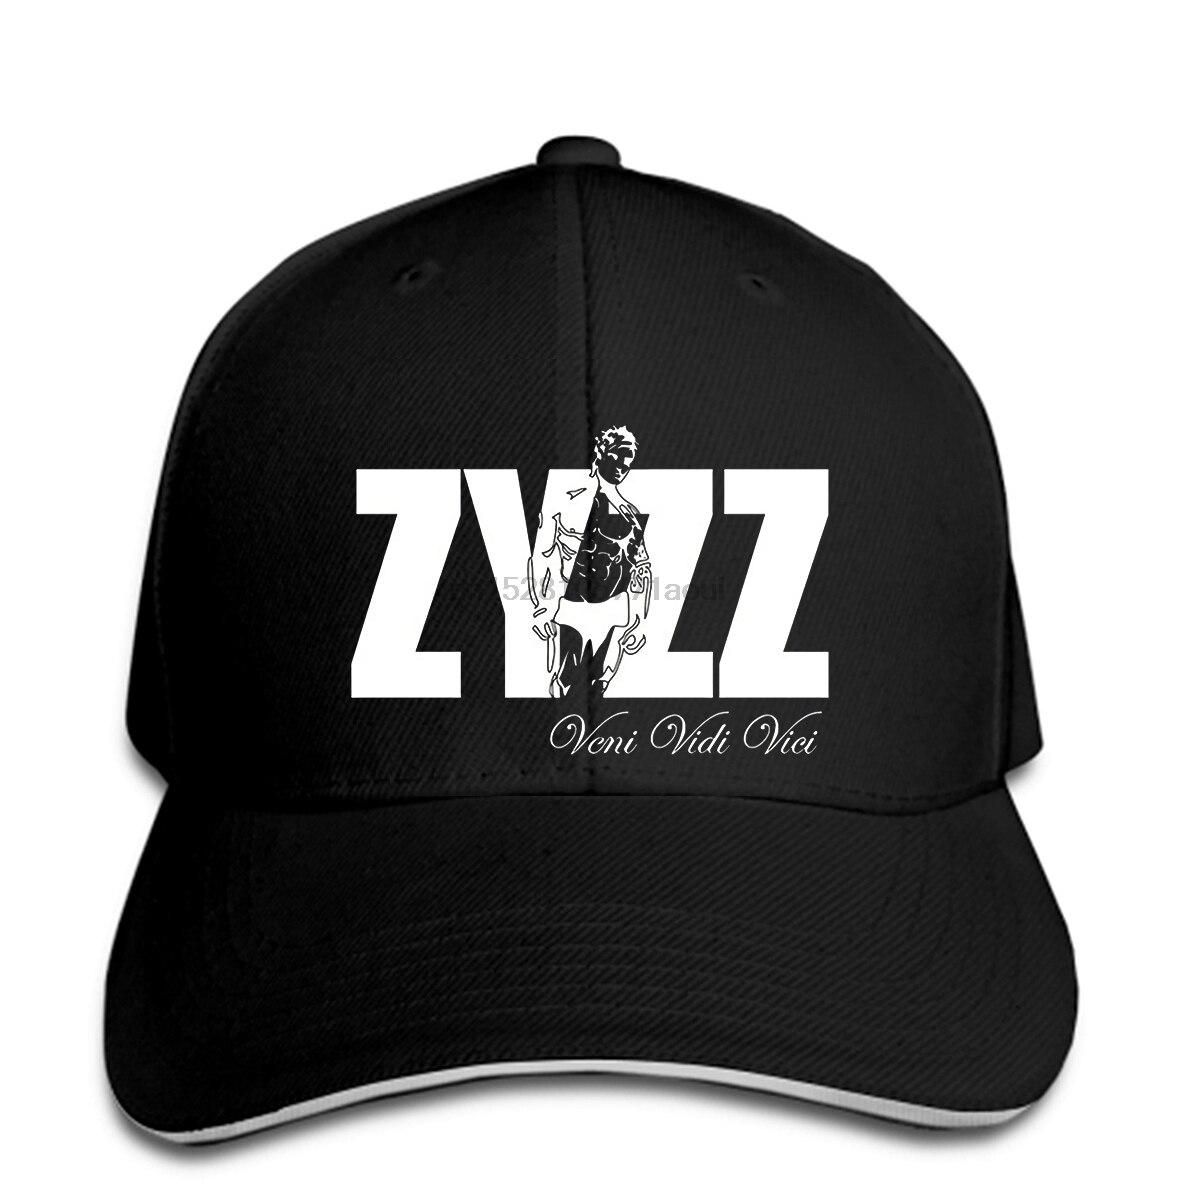 Gorra de béisbol Pro ZYZZ gimnasio hombres sudor músculo gorras de béisbol entrenamiento fitness culturismo mujeres imprimir sombrero